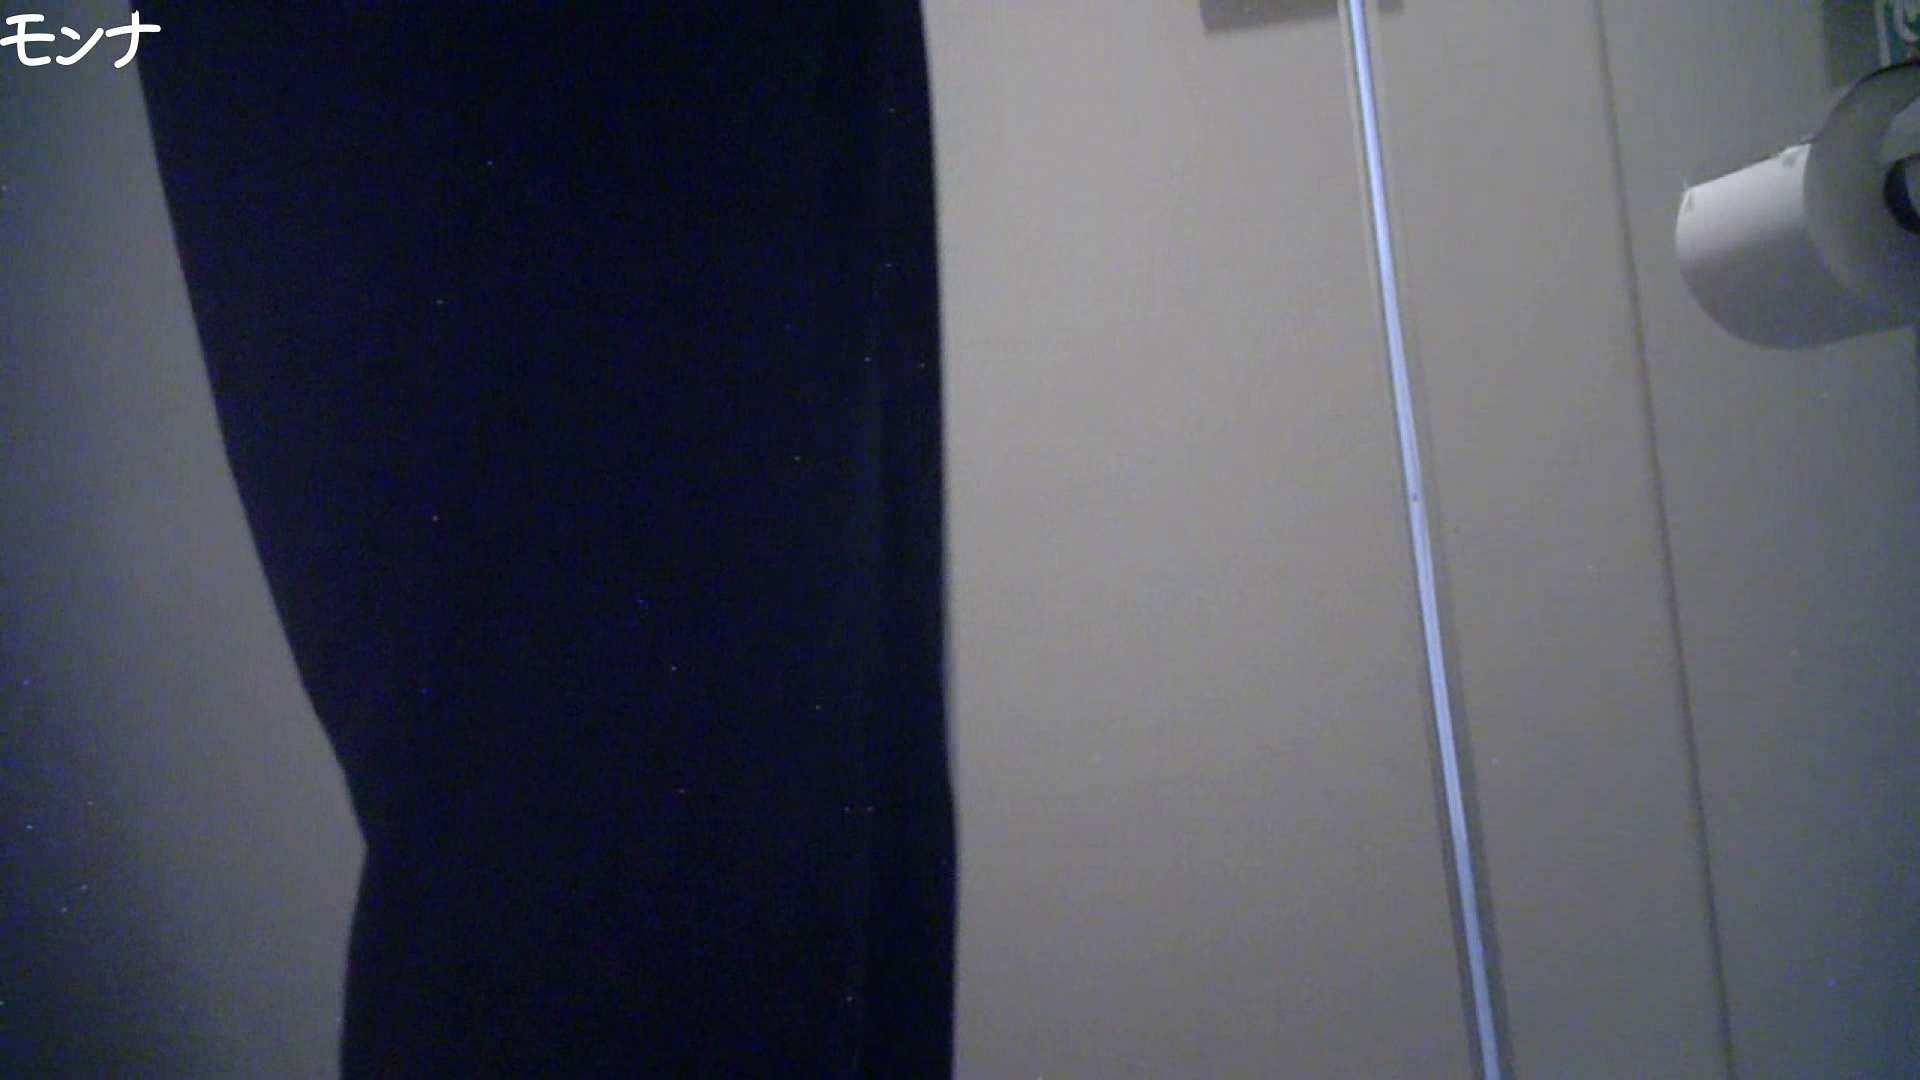 有名大学女性洗面所 vol.66 清楚系女子をがっつり!! 洗面所 オメコ動画キャプチャ 96連発 15